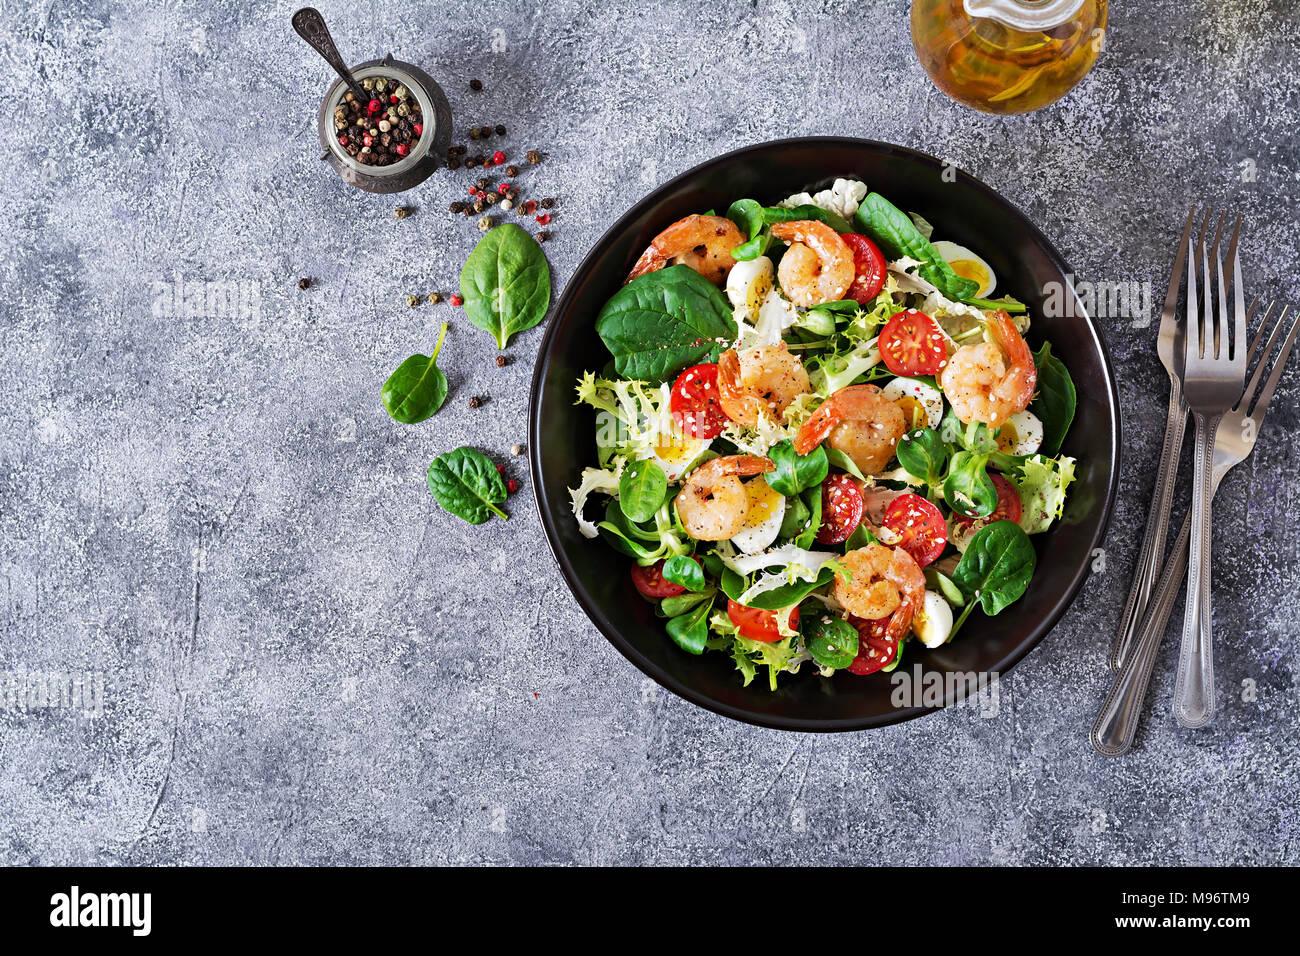 Plato de Ensalada Saludable. Receta de marisco fresco. Camarones a la parrilla y ensalada de verduras frescas y el huevo. Camarones a la parrilla. La comida saludable. Sentar planas. Vista superior Foto de stock